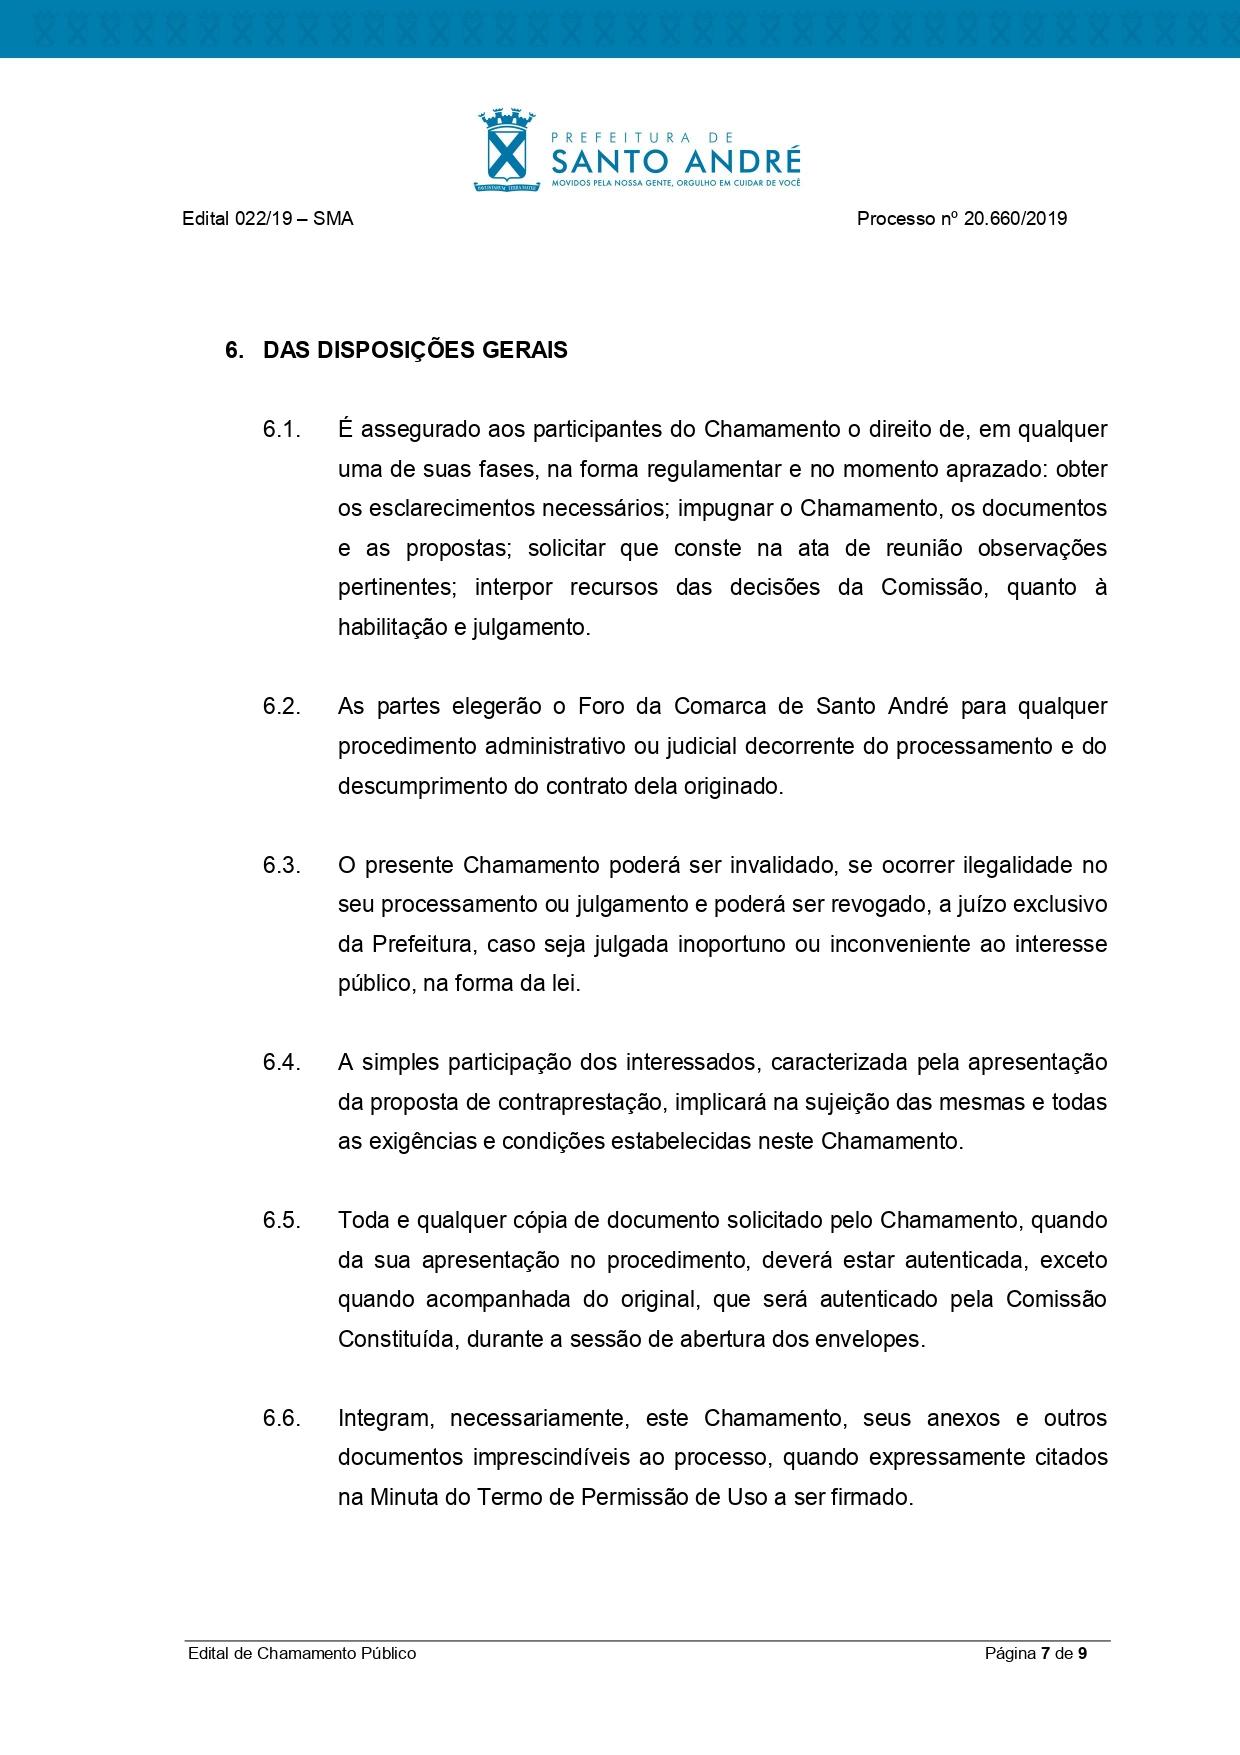 EDITAL 022-2019_SMA_IMÓVEIS RESIDENCIAIS_5882_pages-to-jpg-0007